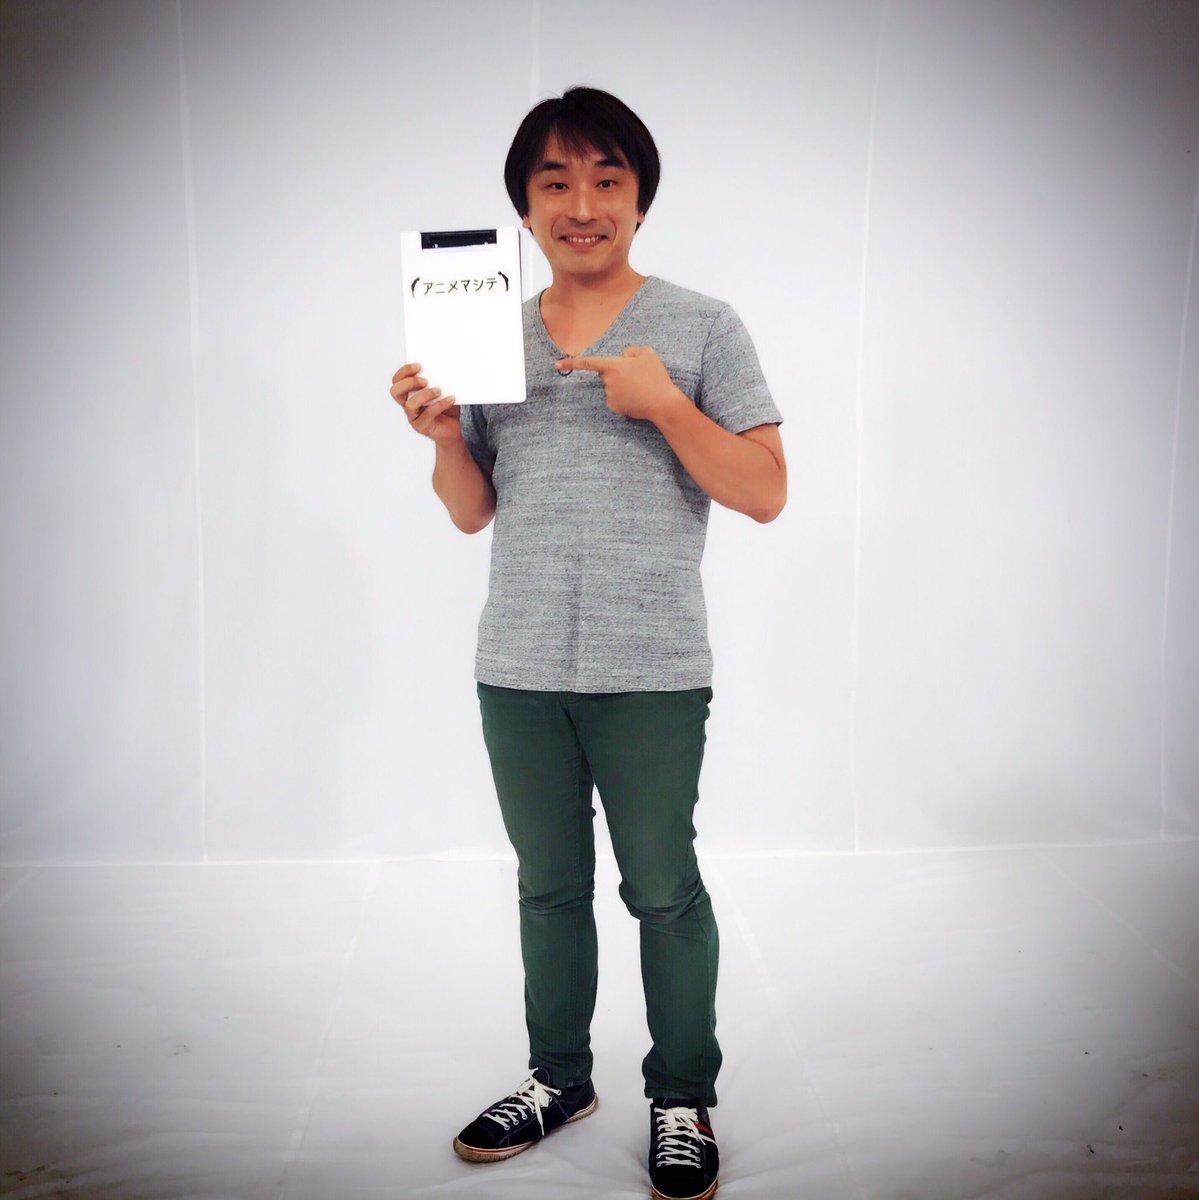 来週9月18日(月)深夜3:20から、テレビ東京にて放送されます「アニメマシテ」に「牙狼〈GARO〉-VANSHING